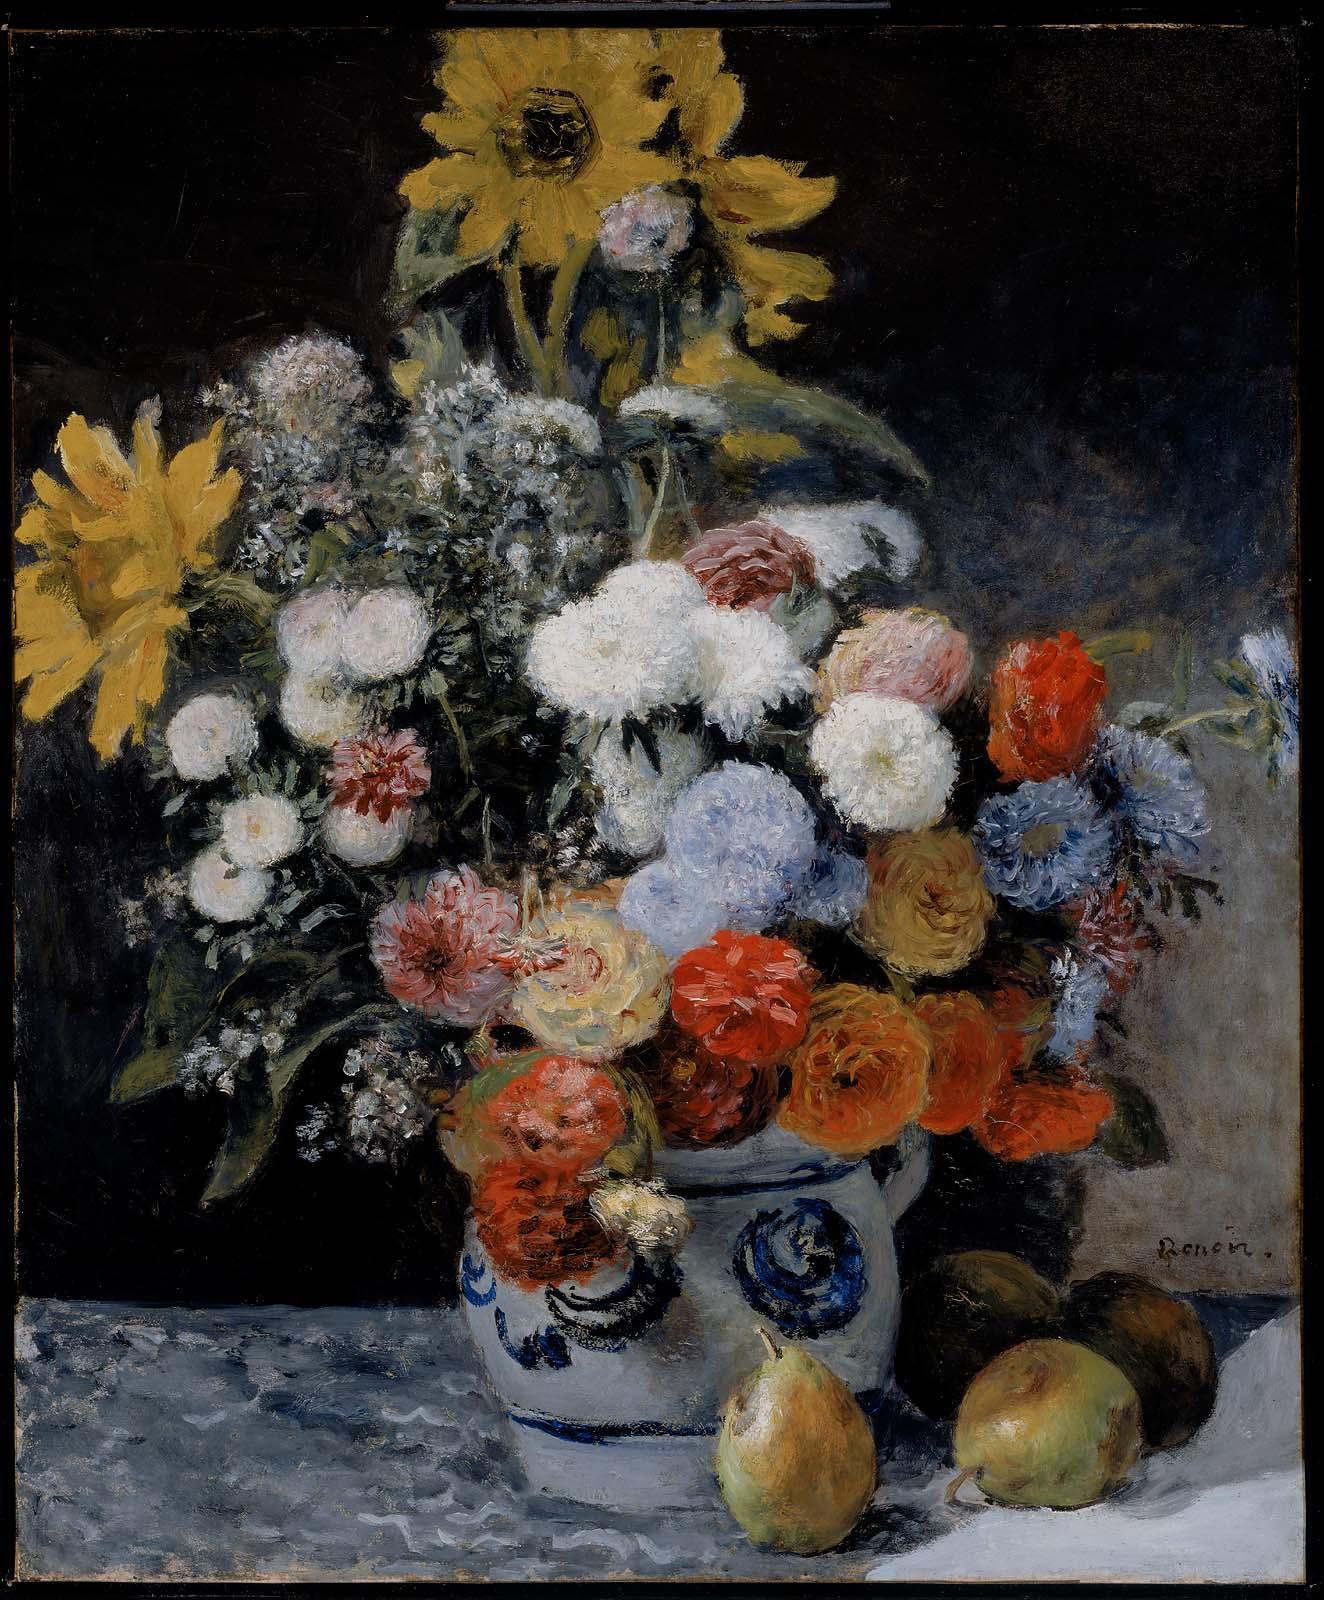 Смесь цветов в глиняном горшке :: Ренуар Пьер Огюст ( Франция ) - Ренуар Огюст ( new ) фото